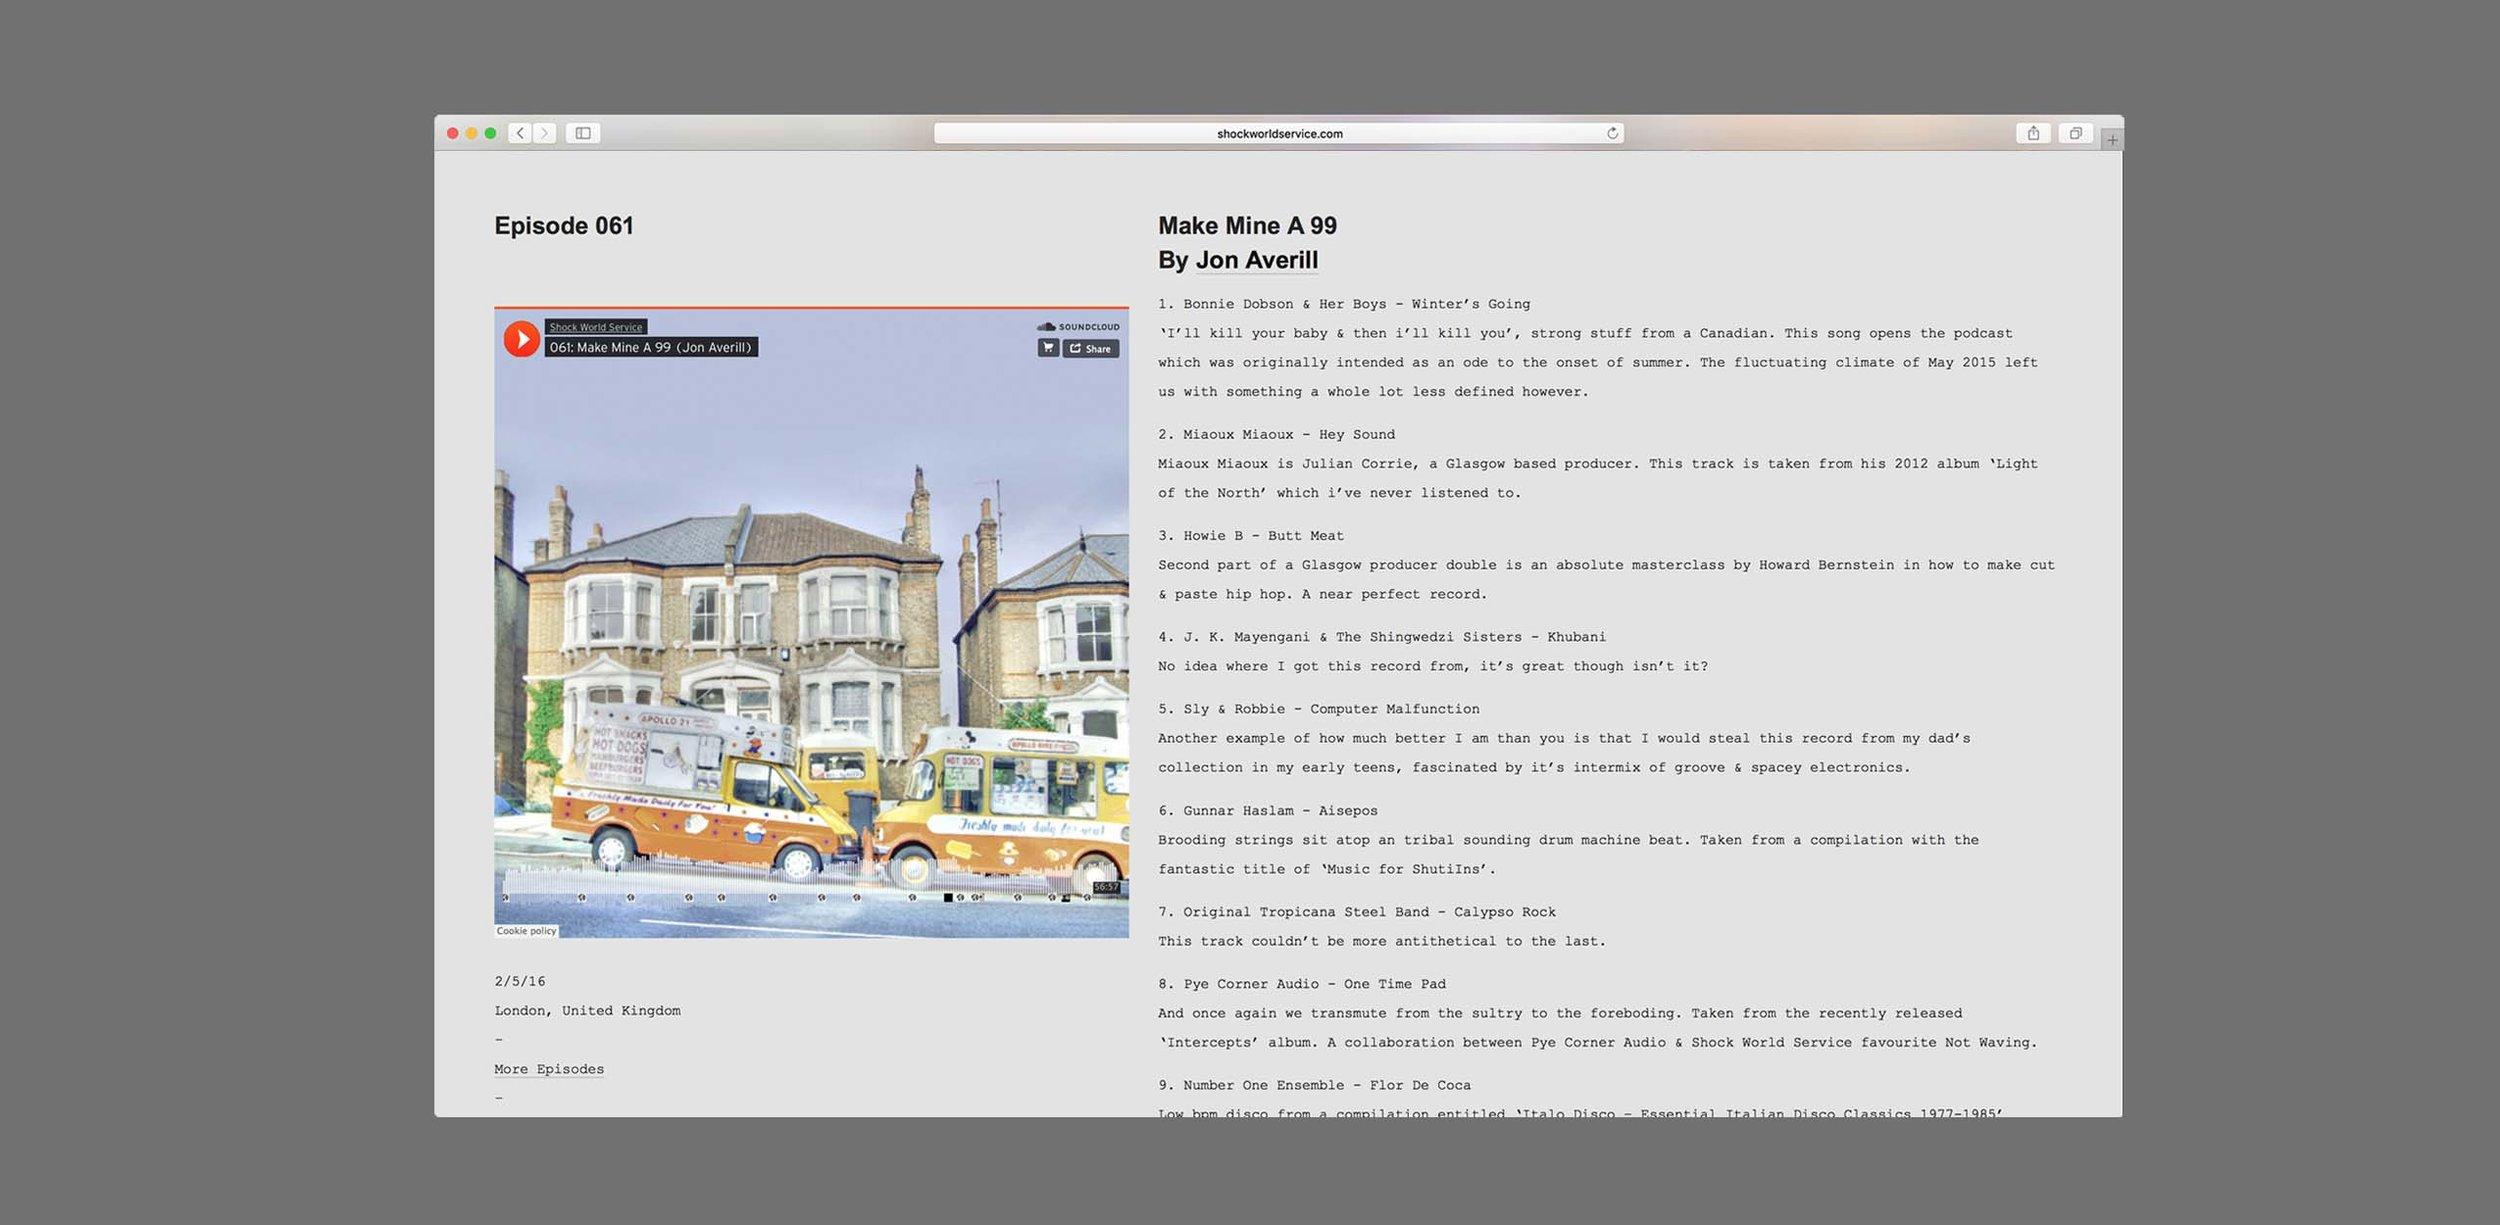 sws_website_1c.jpg